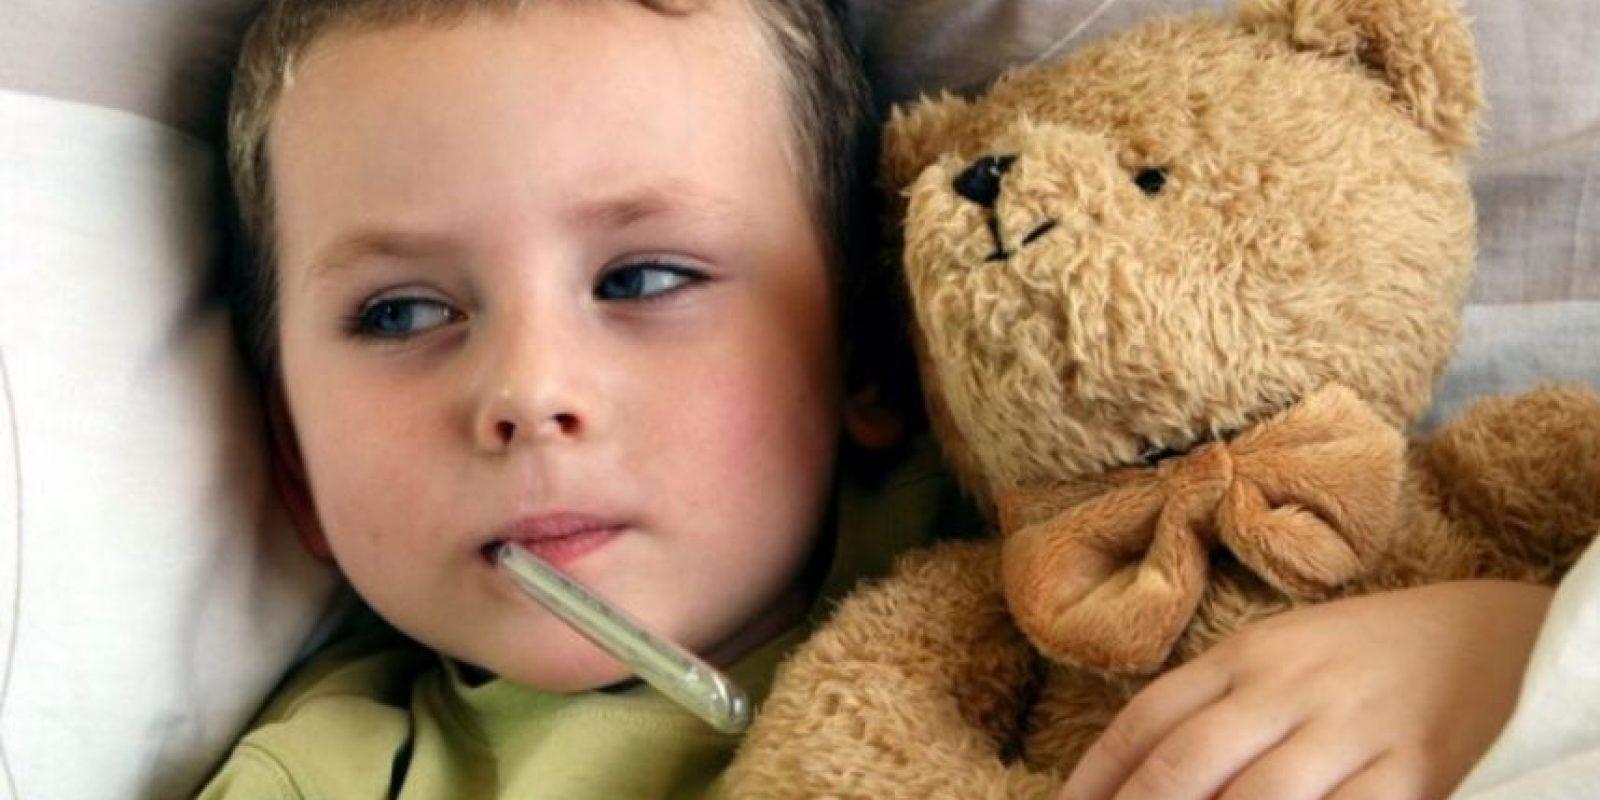 """Gracias a un episodio del programa """"Urgencias"""" de la """"BBC"""", una madre descubrió que los 300 ataques al día que sufría su hijo se debían a una forma grave de epilepsia, llamada epilepsia focal. Foto:Getty Images"""